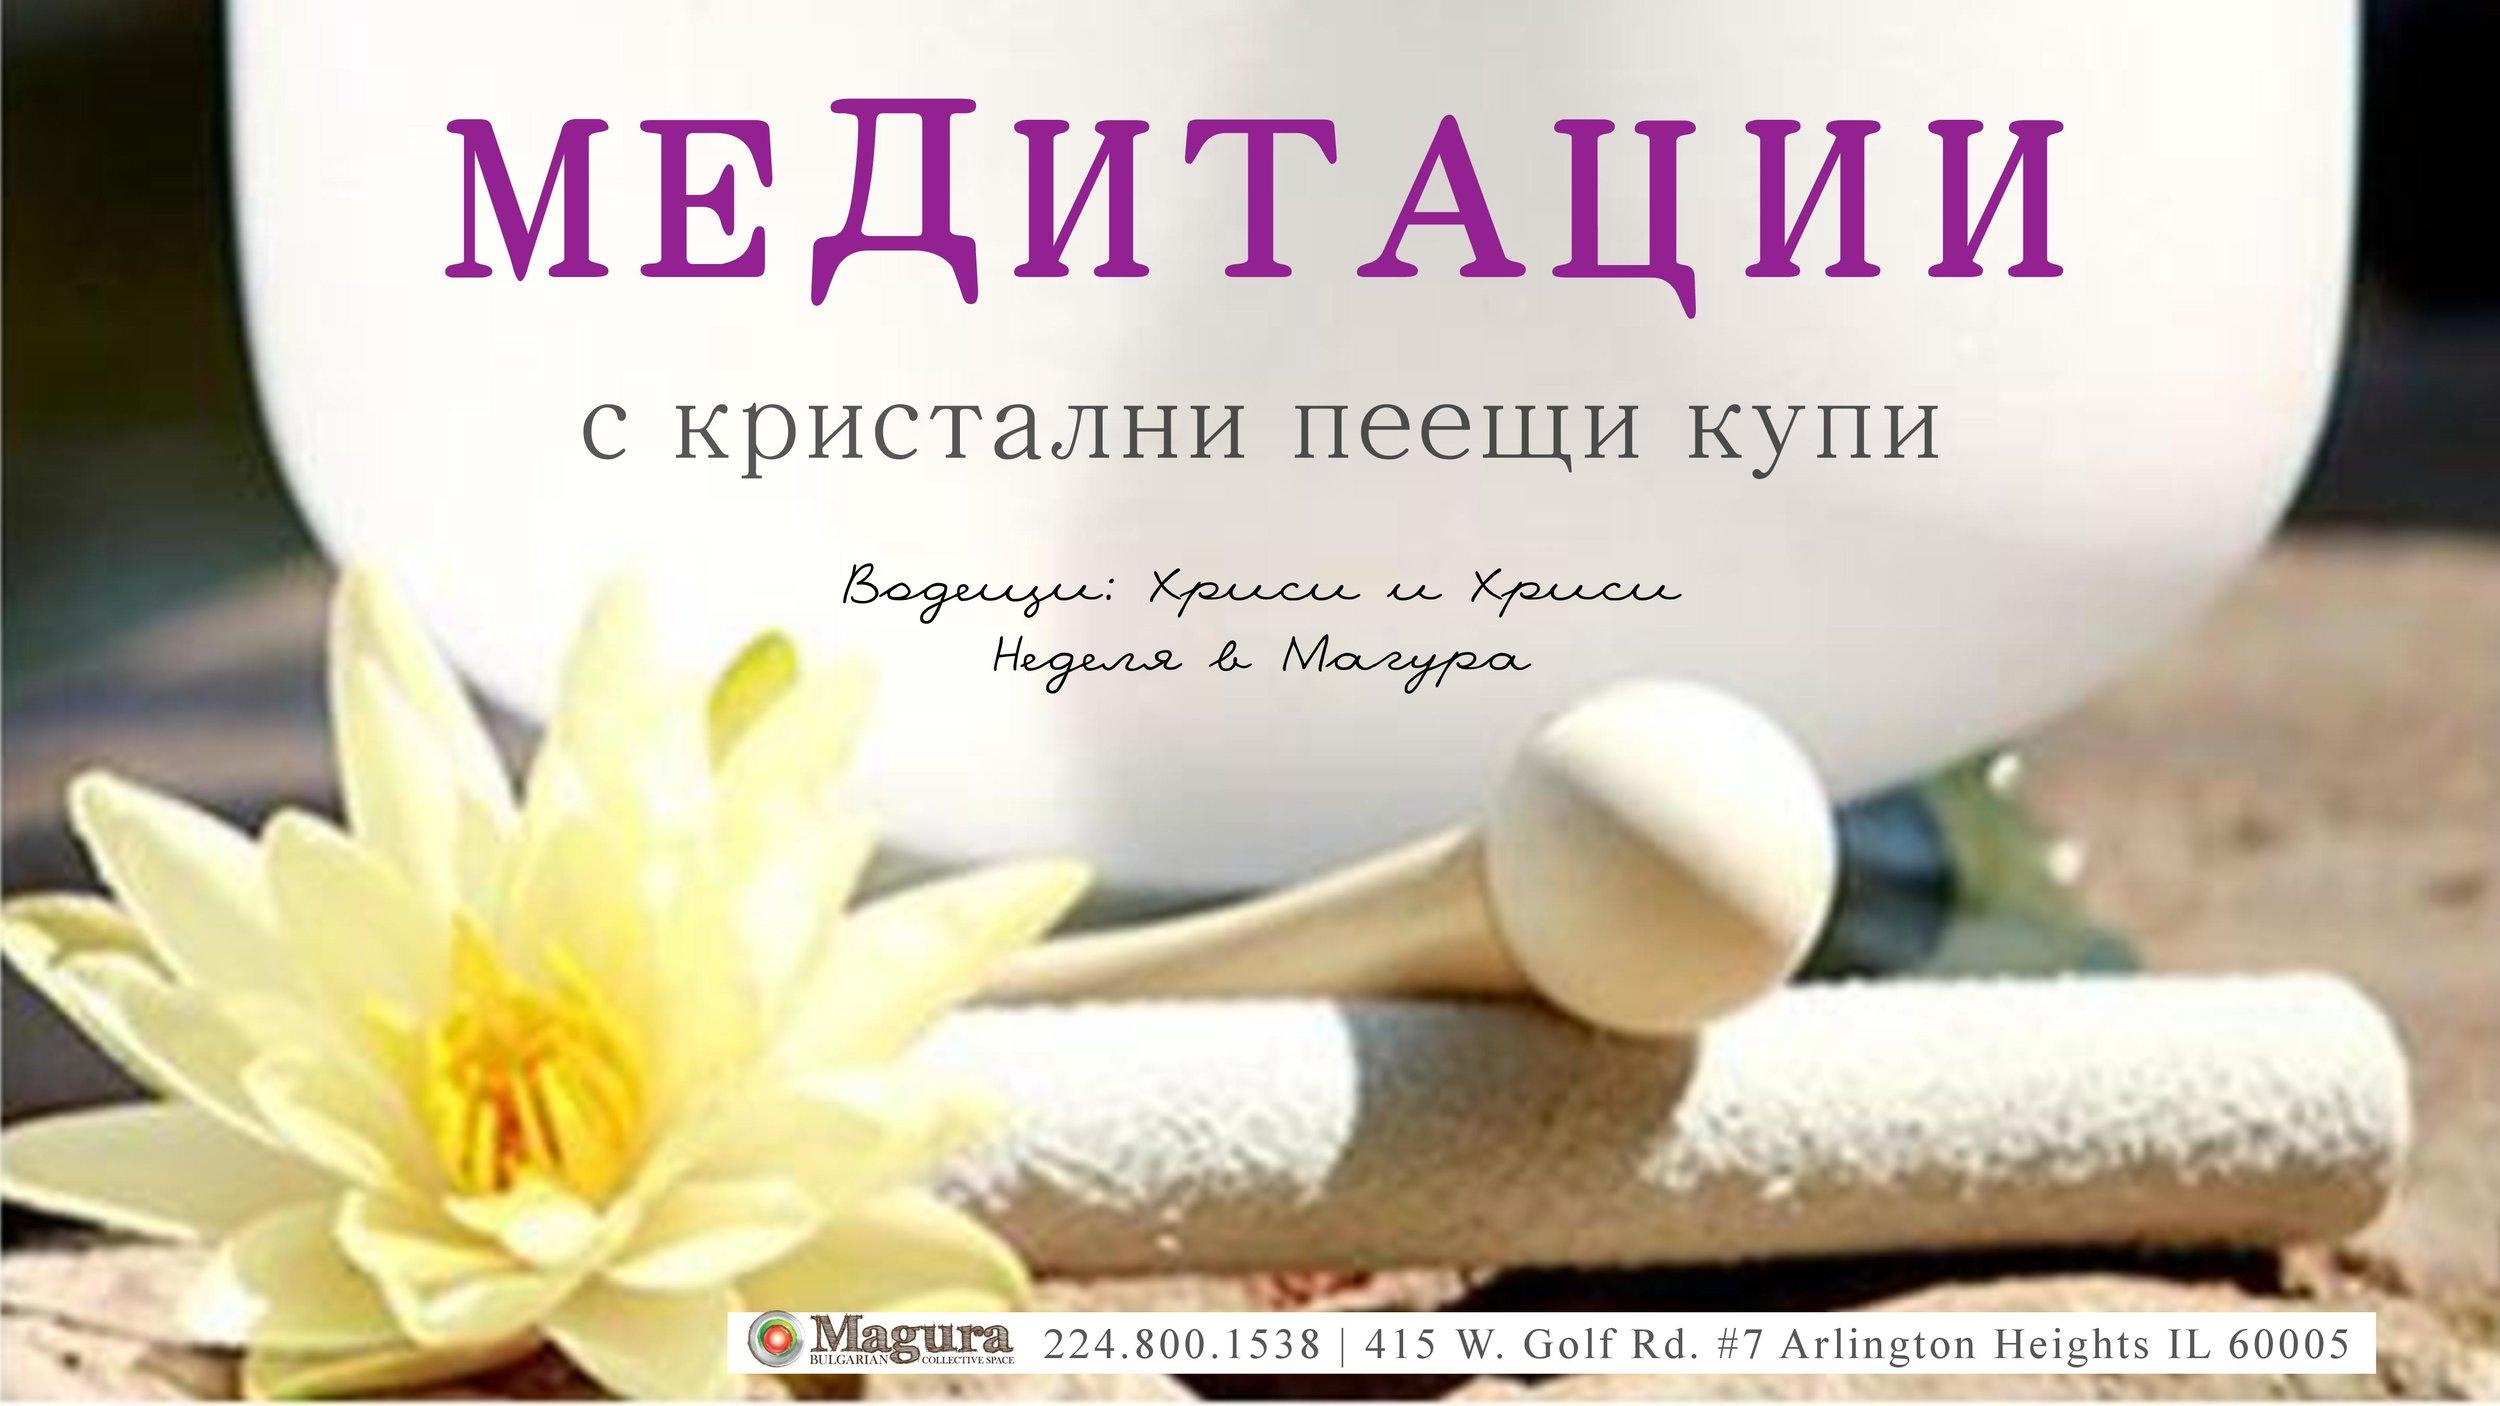 meditationa H&H copy-page-001-2.jpg